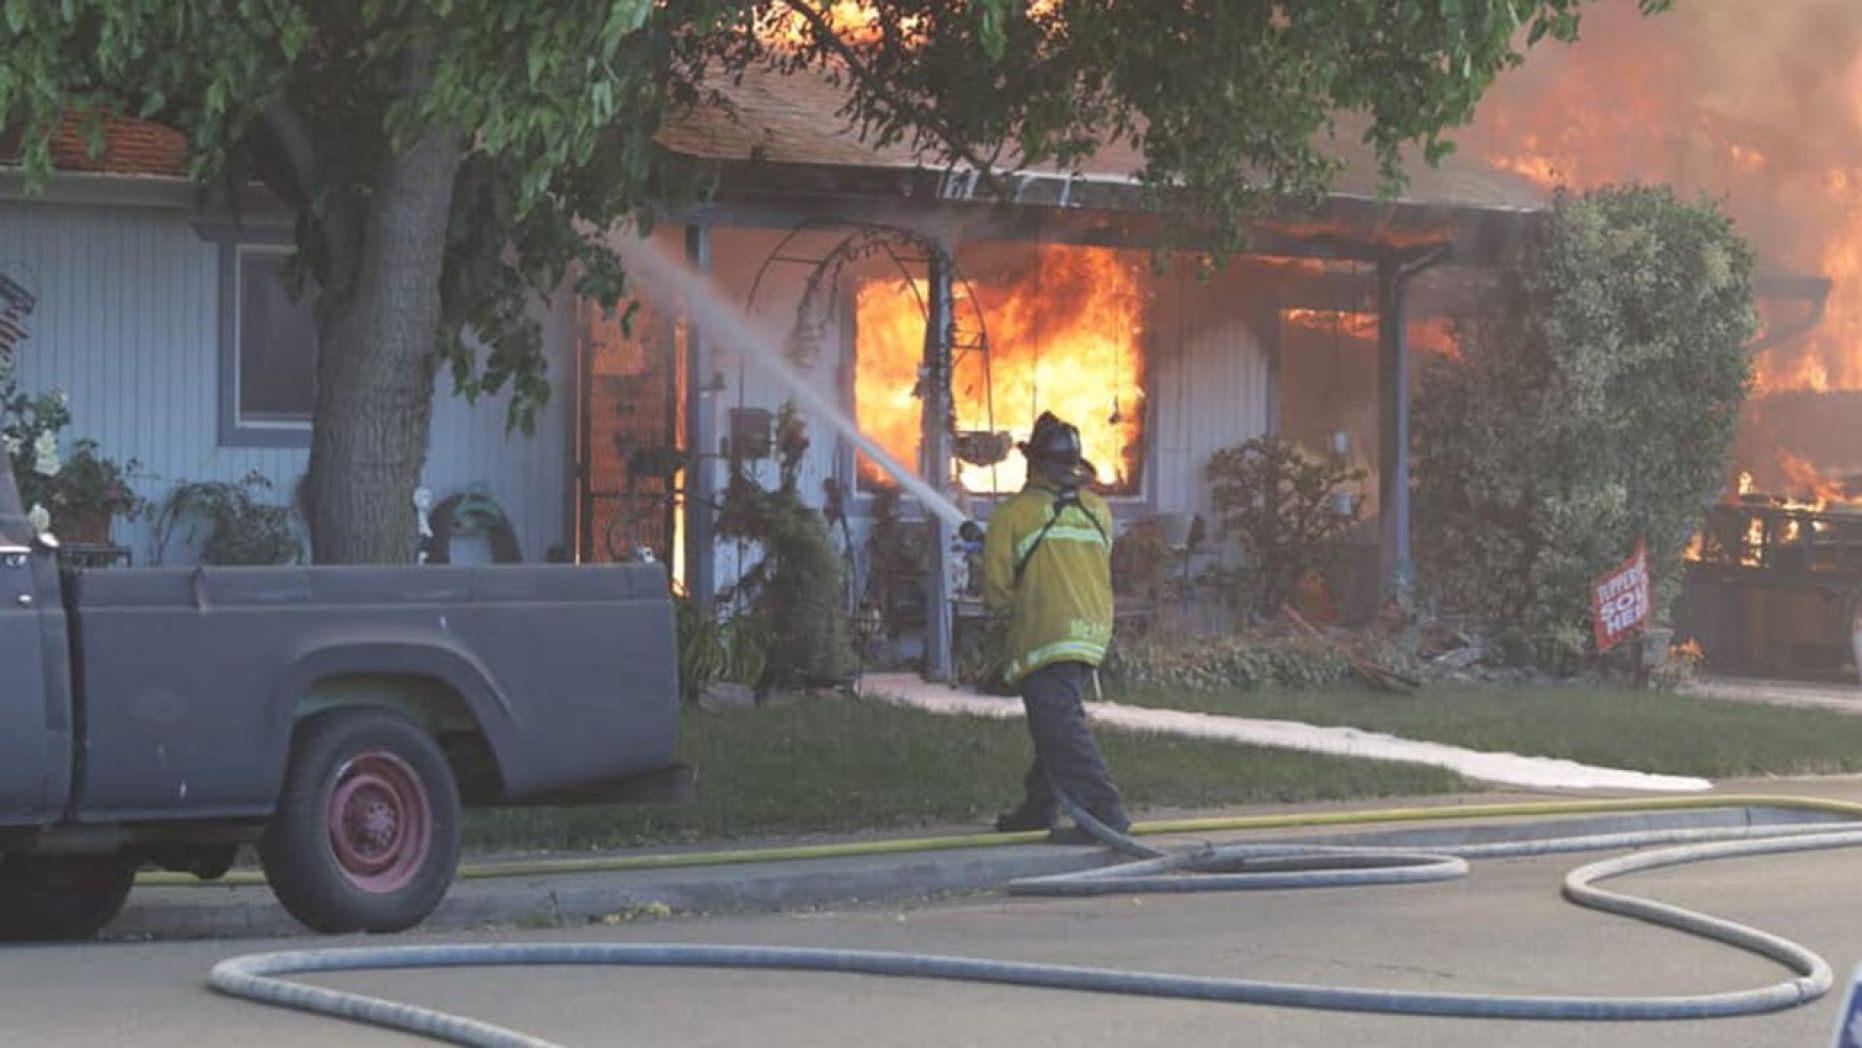 Cháy rừng lớn tại Bắc California, phá huỷ nhiều ngôi nhà và tài sản, may mắn không có thiệt hại về người